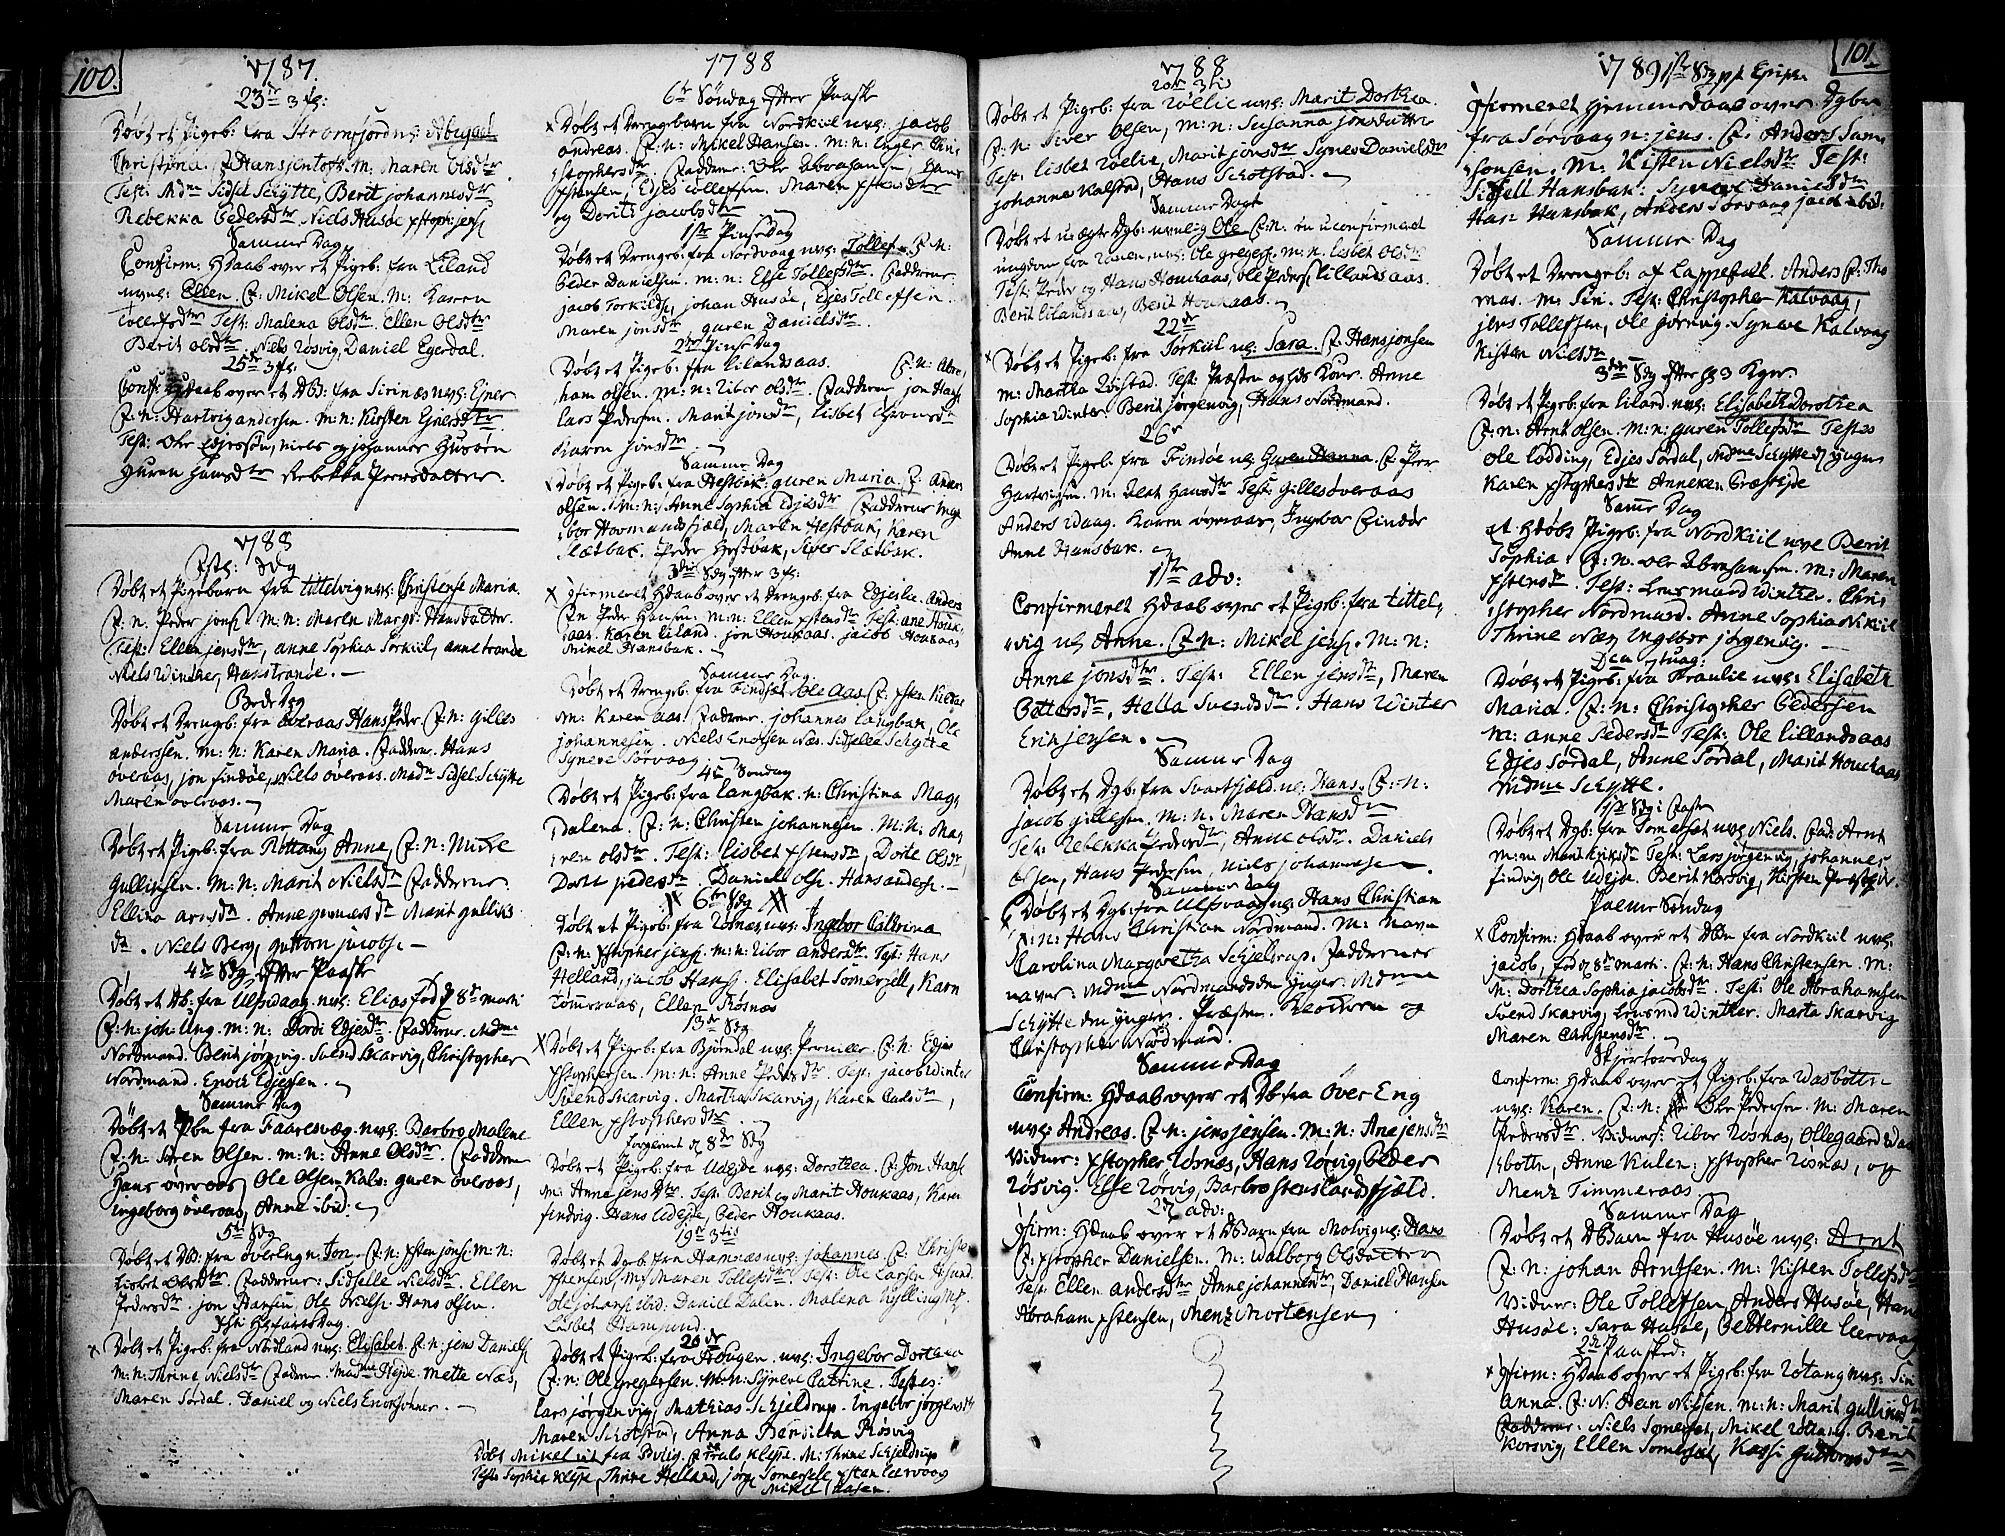 SAT, Ministerialprotokoller, klokkerbøker og fødselsregistre - Nordland, 859/L0841: Parish register (official) no. 859A01, 1766-1821, p. 100-101